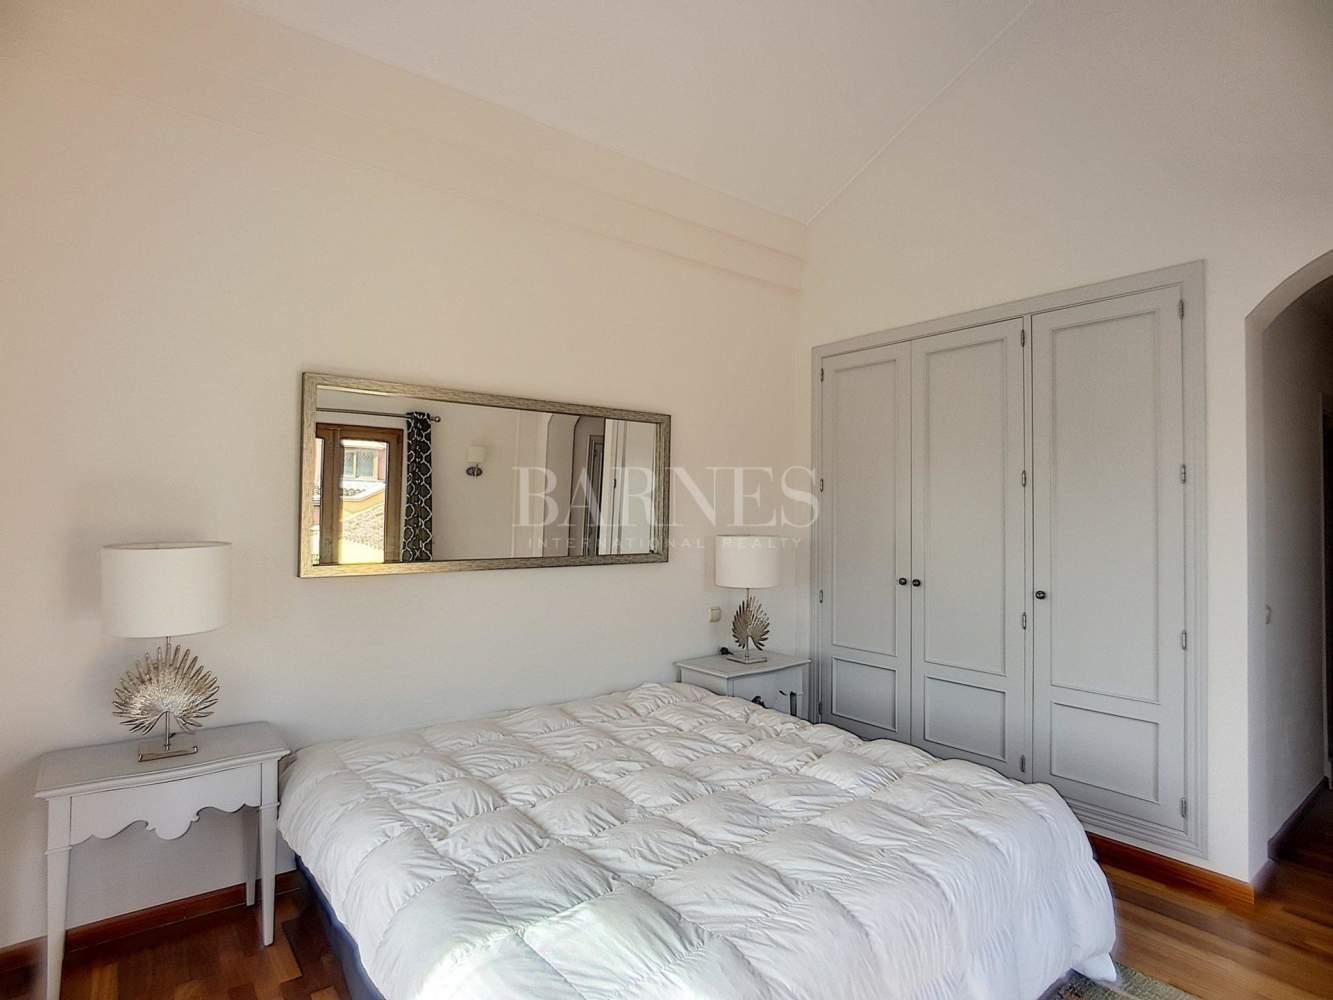 Marbella  - Villa 6 Cuartos 5 Habitaciones - picture 10